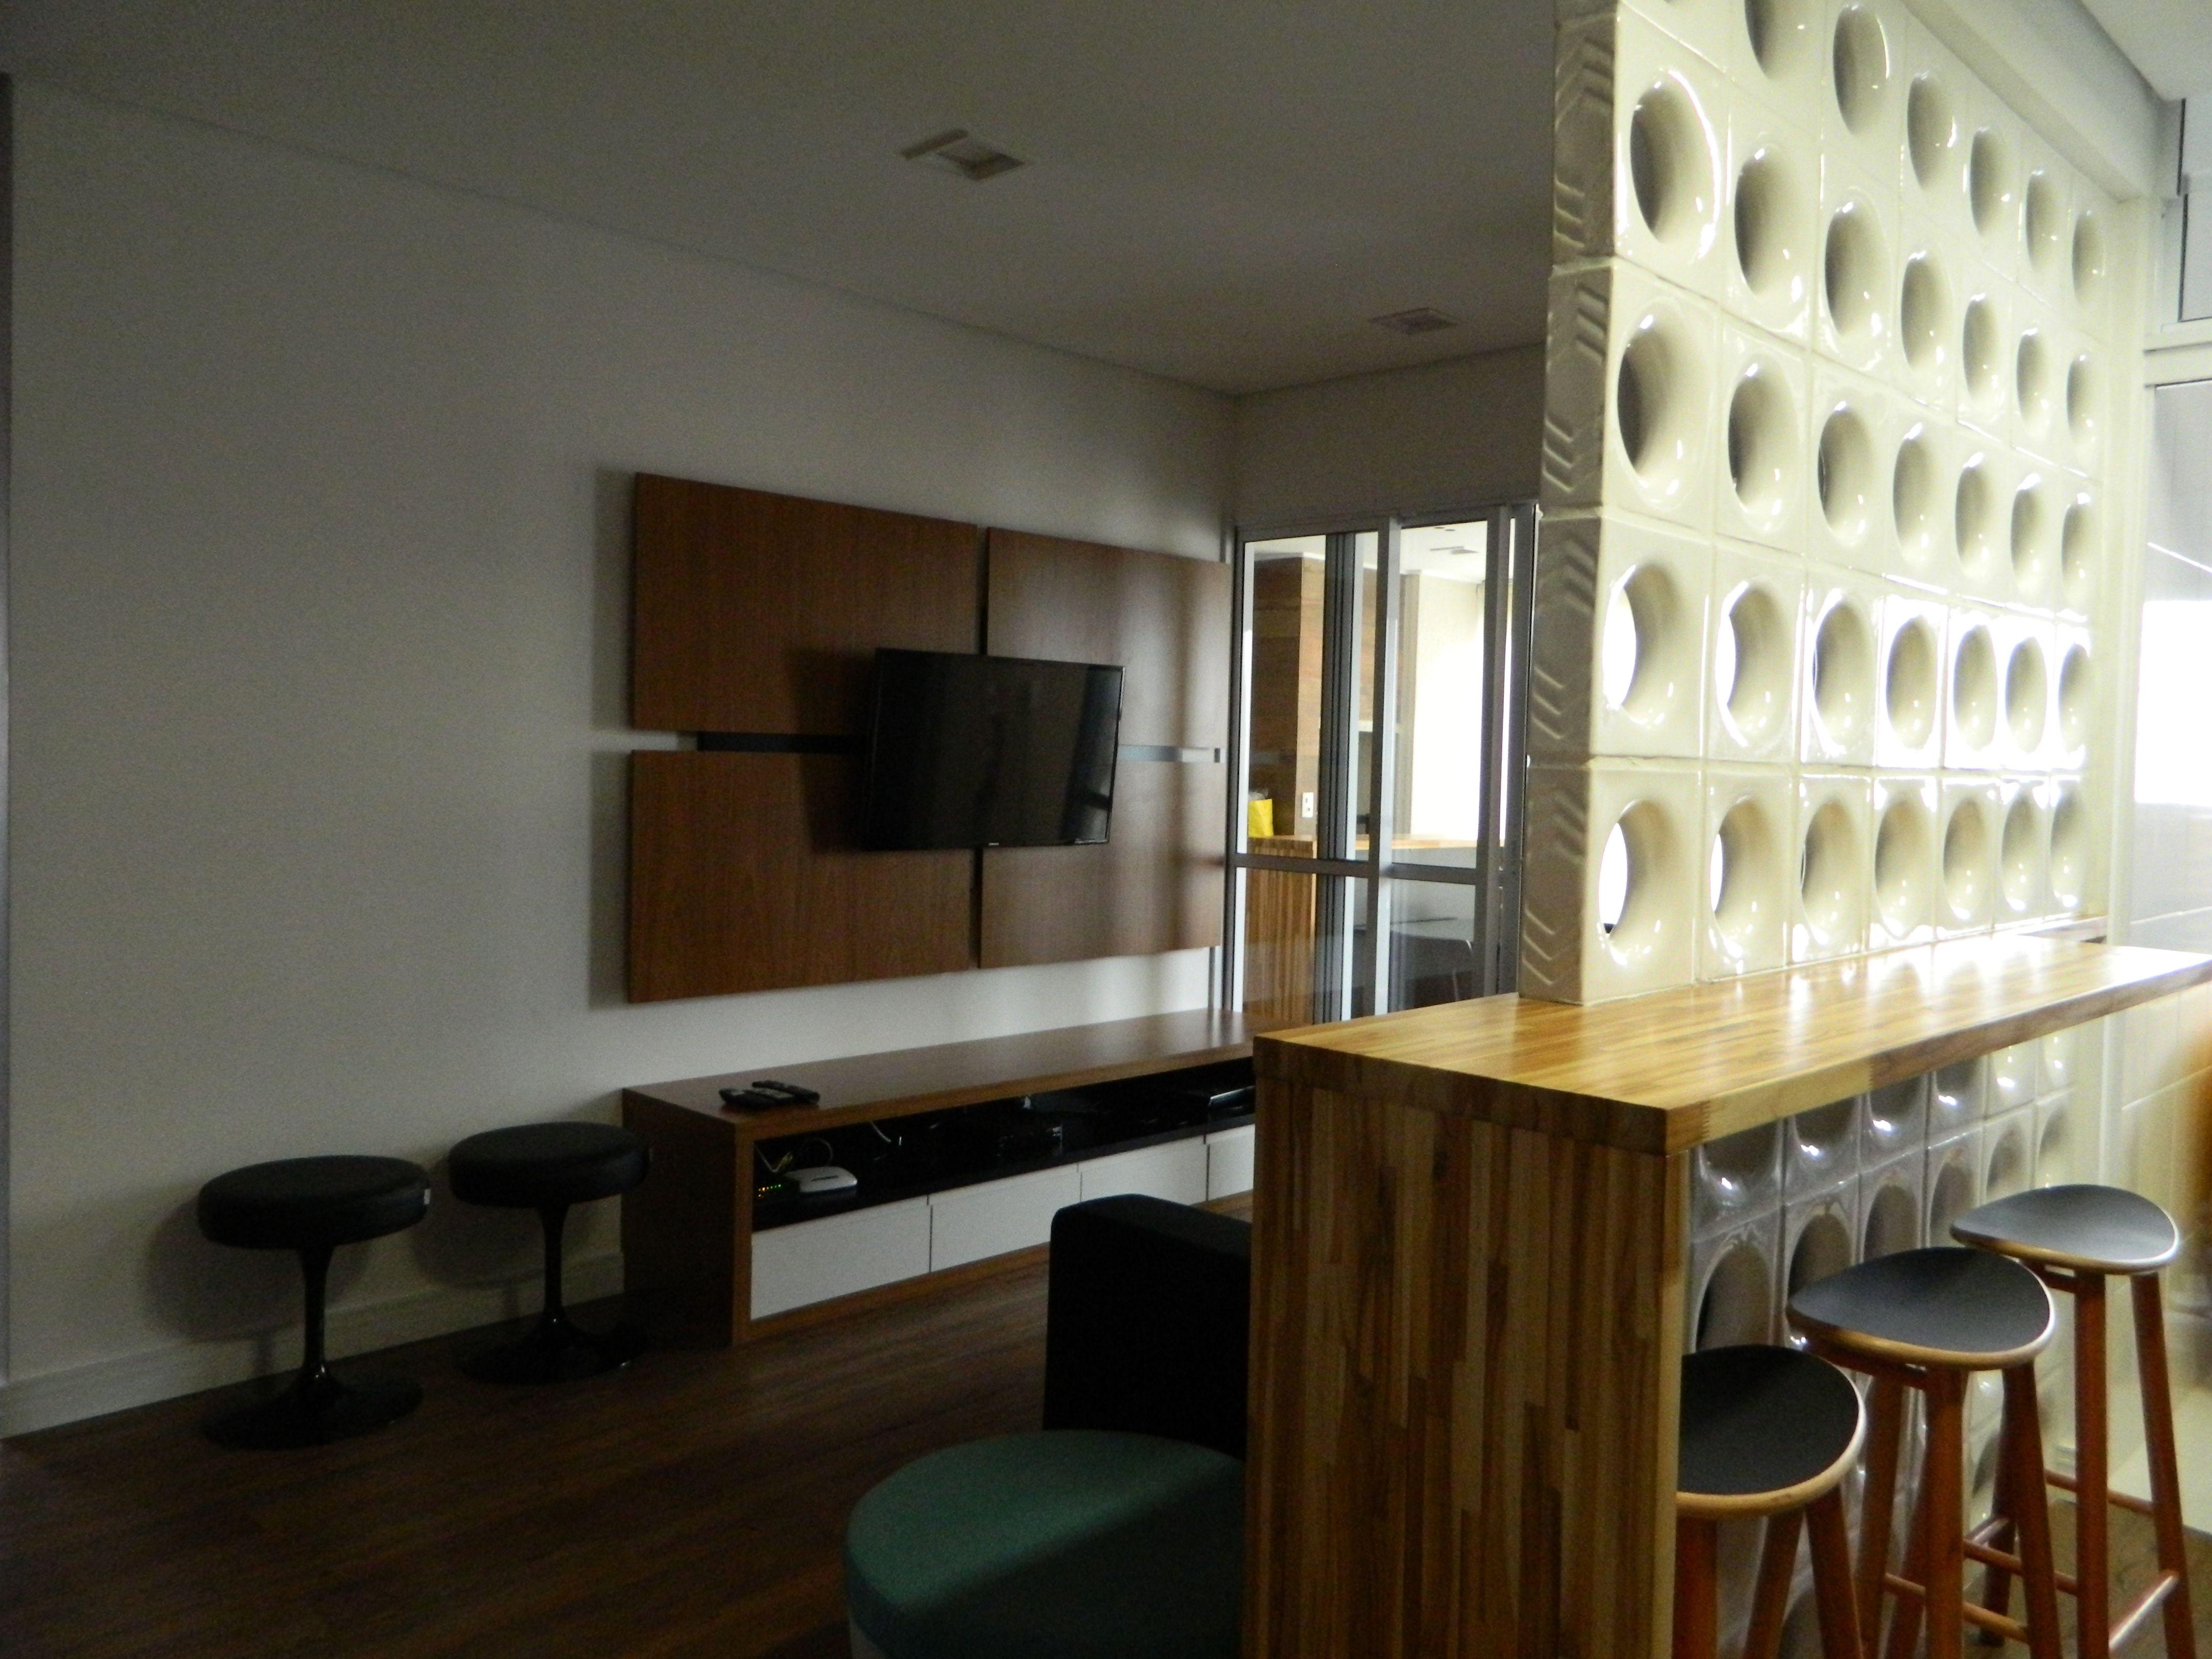 Living Integrado Cozinha Cobog Em Lou A Branco E Balc O Em  ~ Bancada Divisoria Sala Cozinha